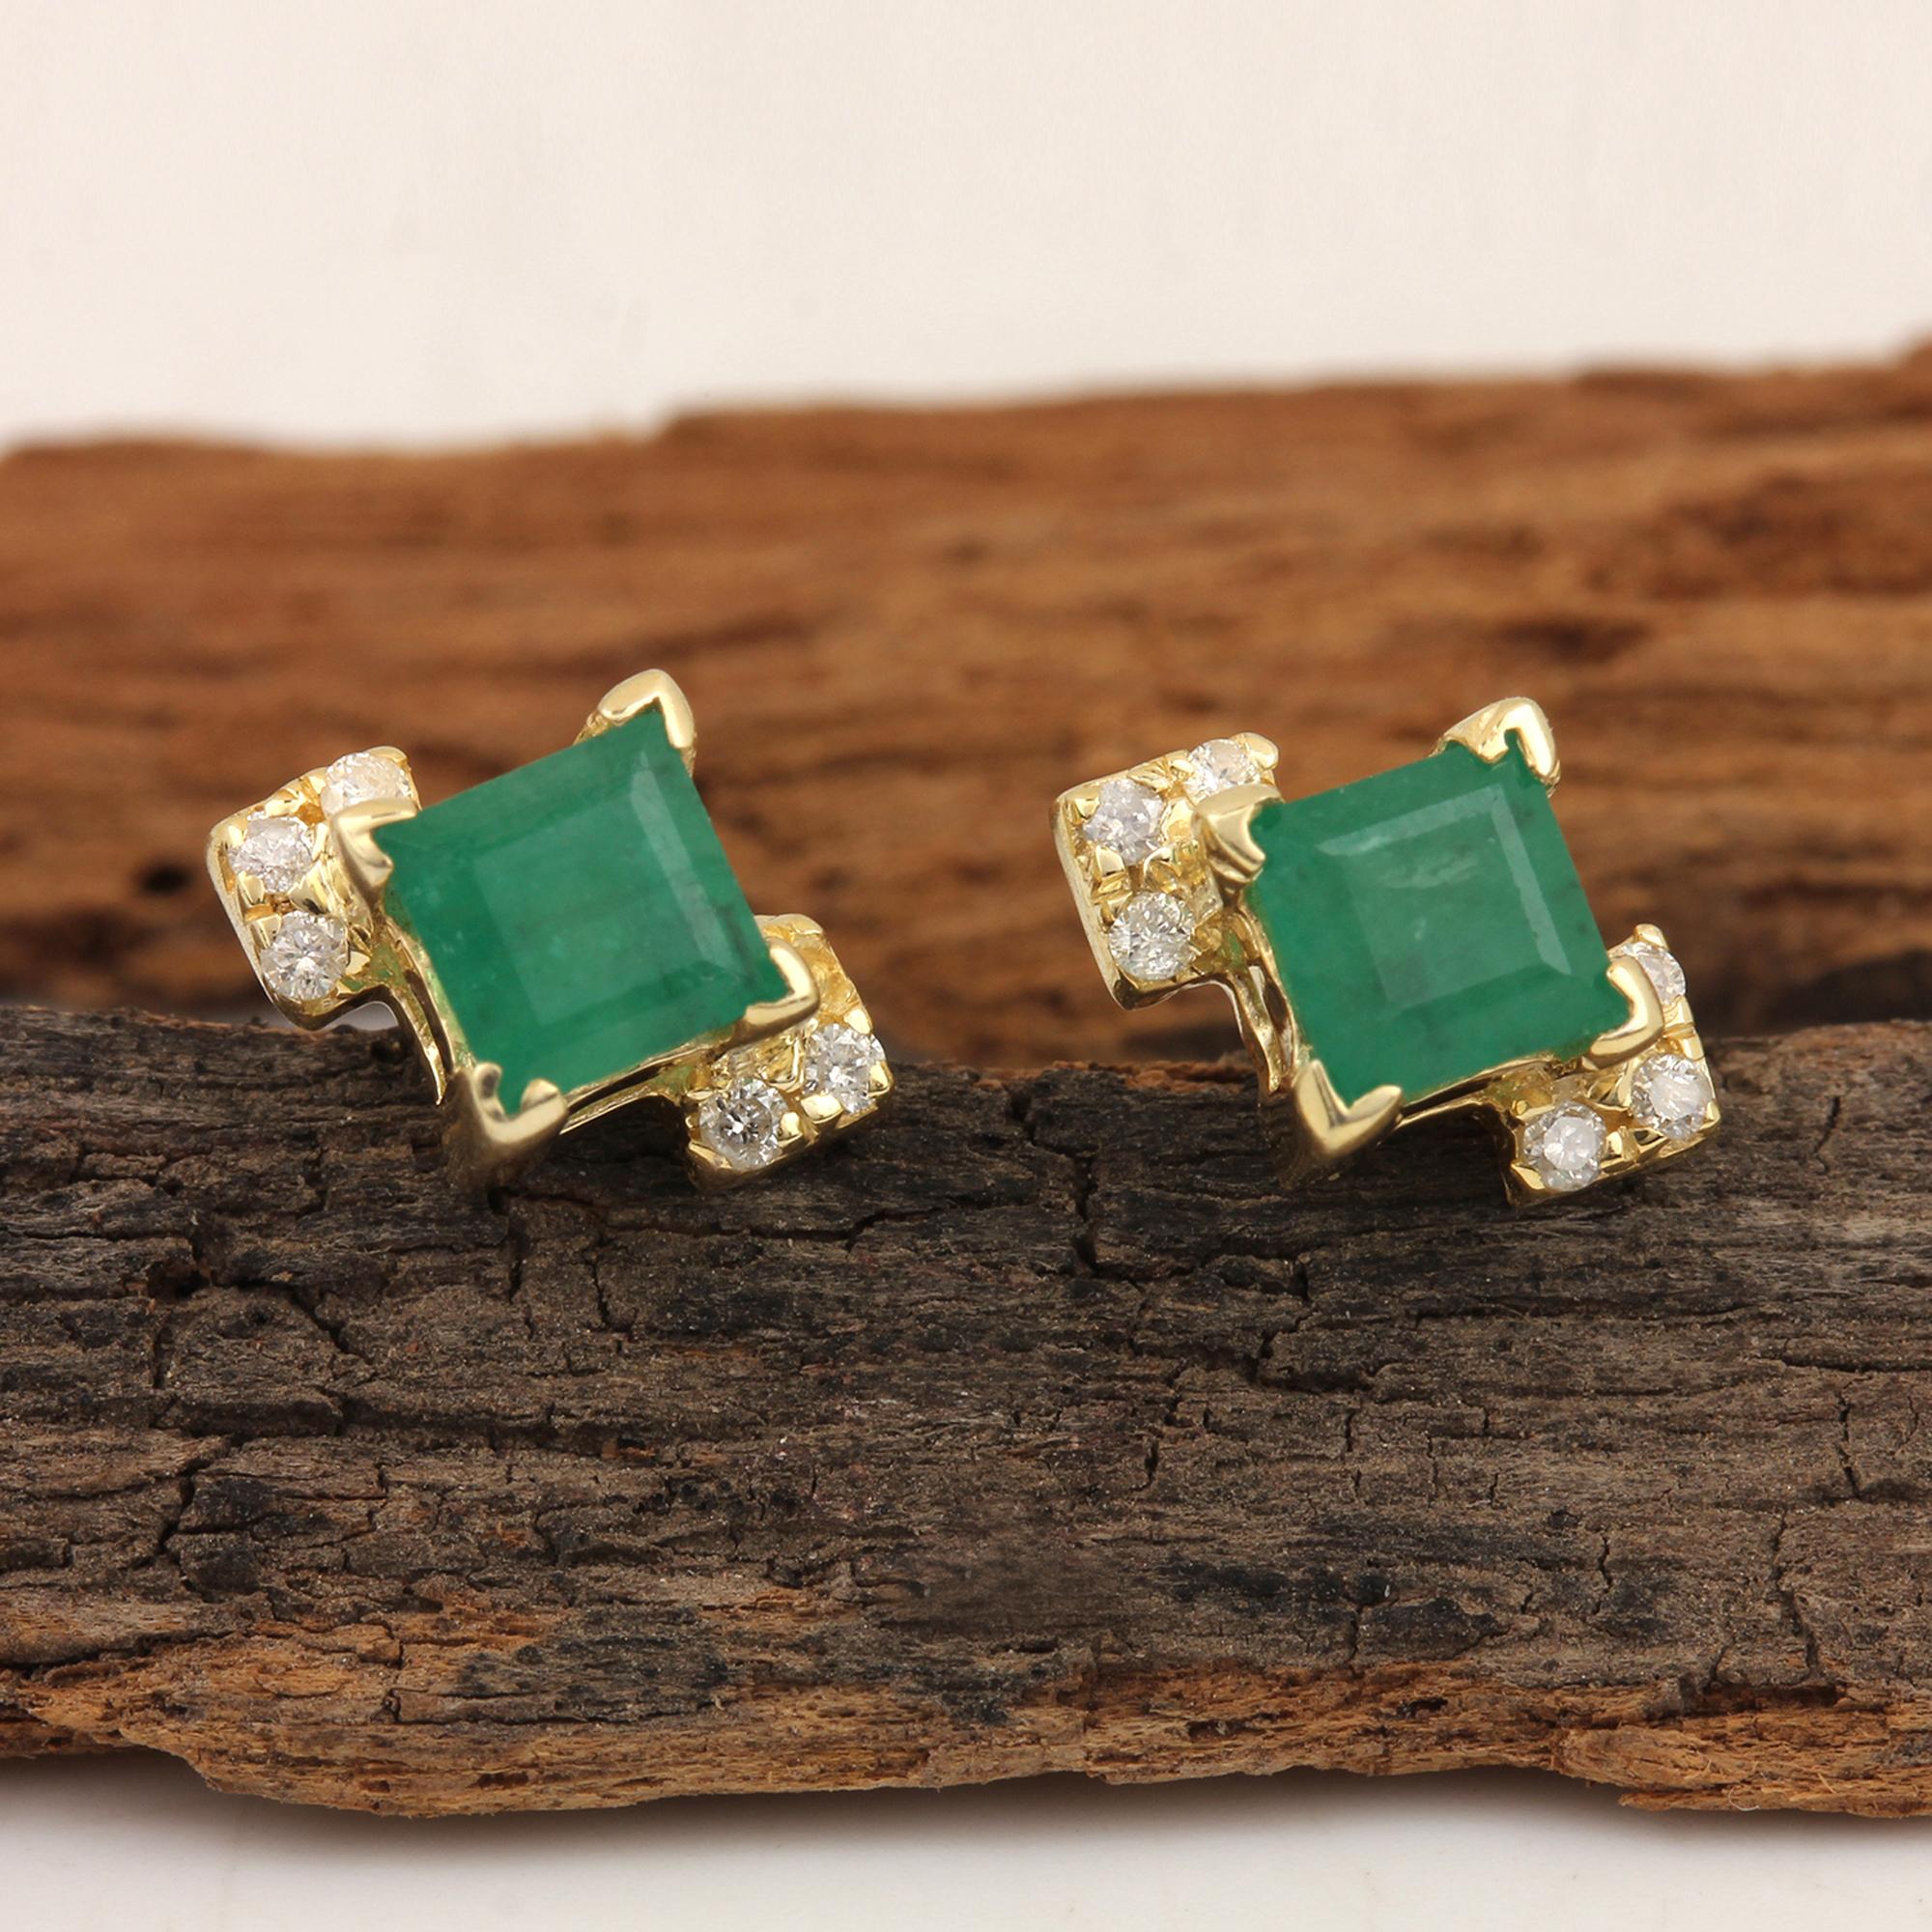 14k Gold Diamond & Emerald Minimalist Stud Earrings